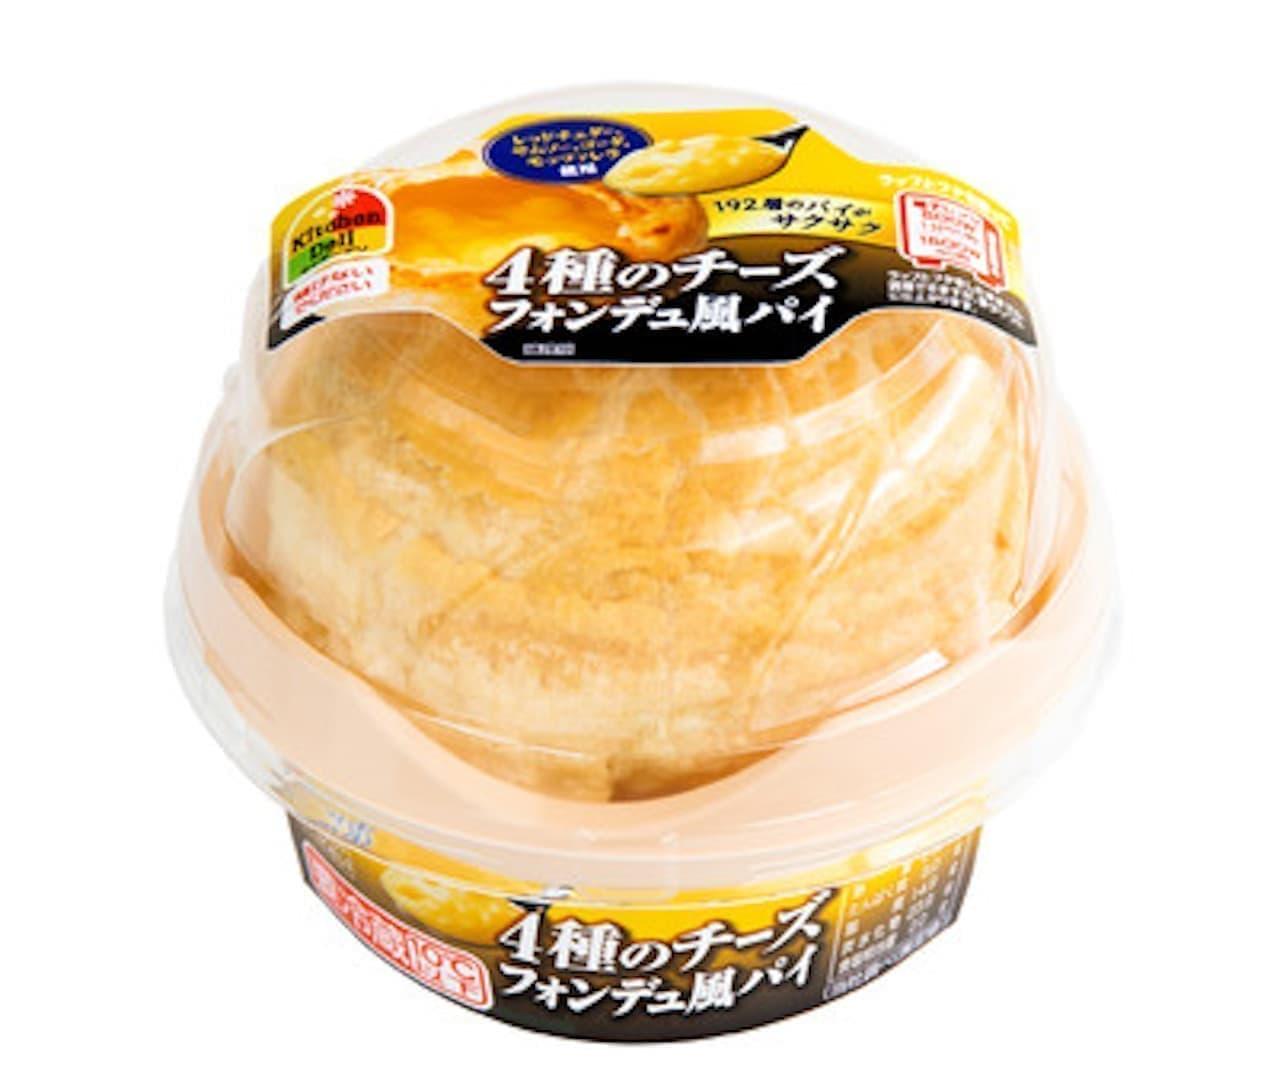 伊藤ハム「キッチンデリ4種のチーズフォンデュ風パイ」